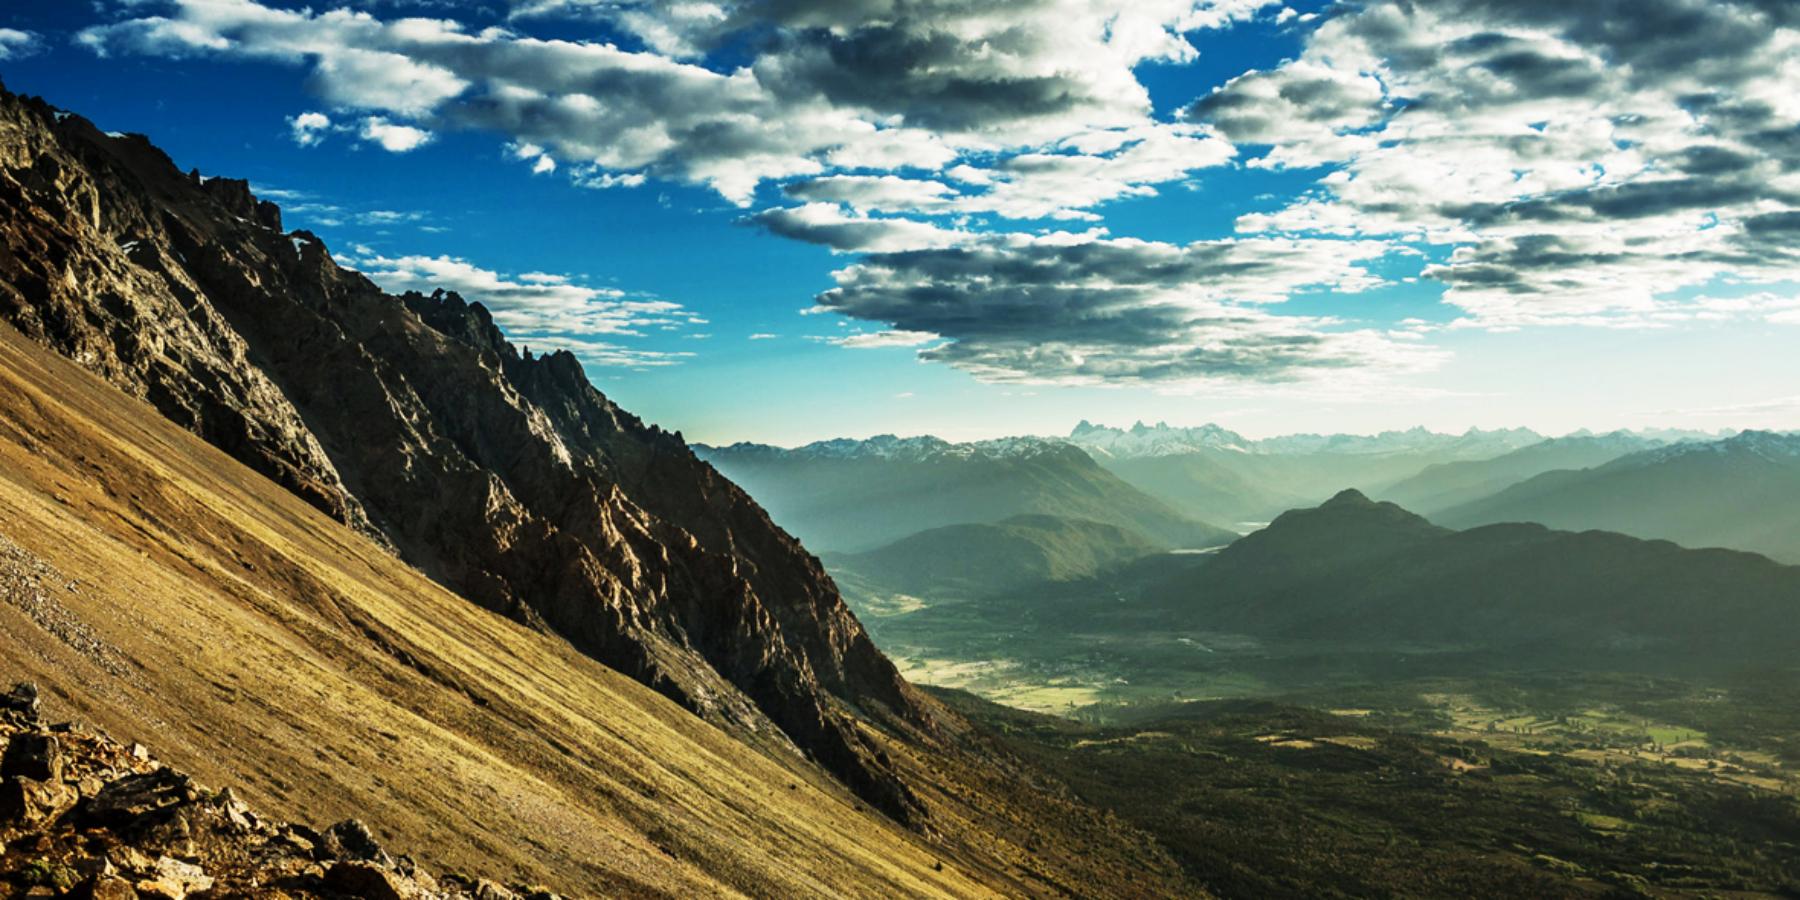 RioAzul_mountains_0 copy.jpg